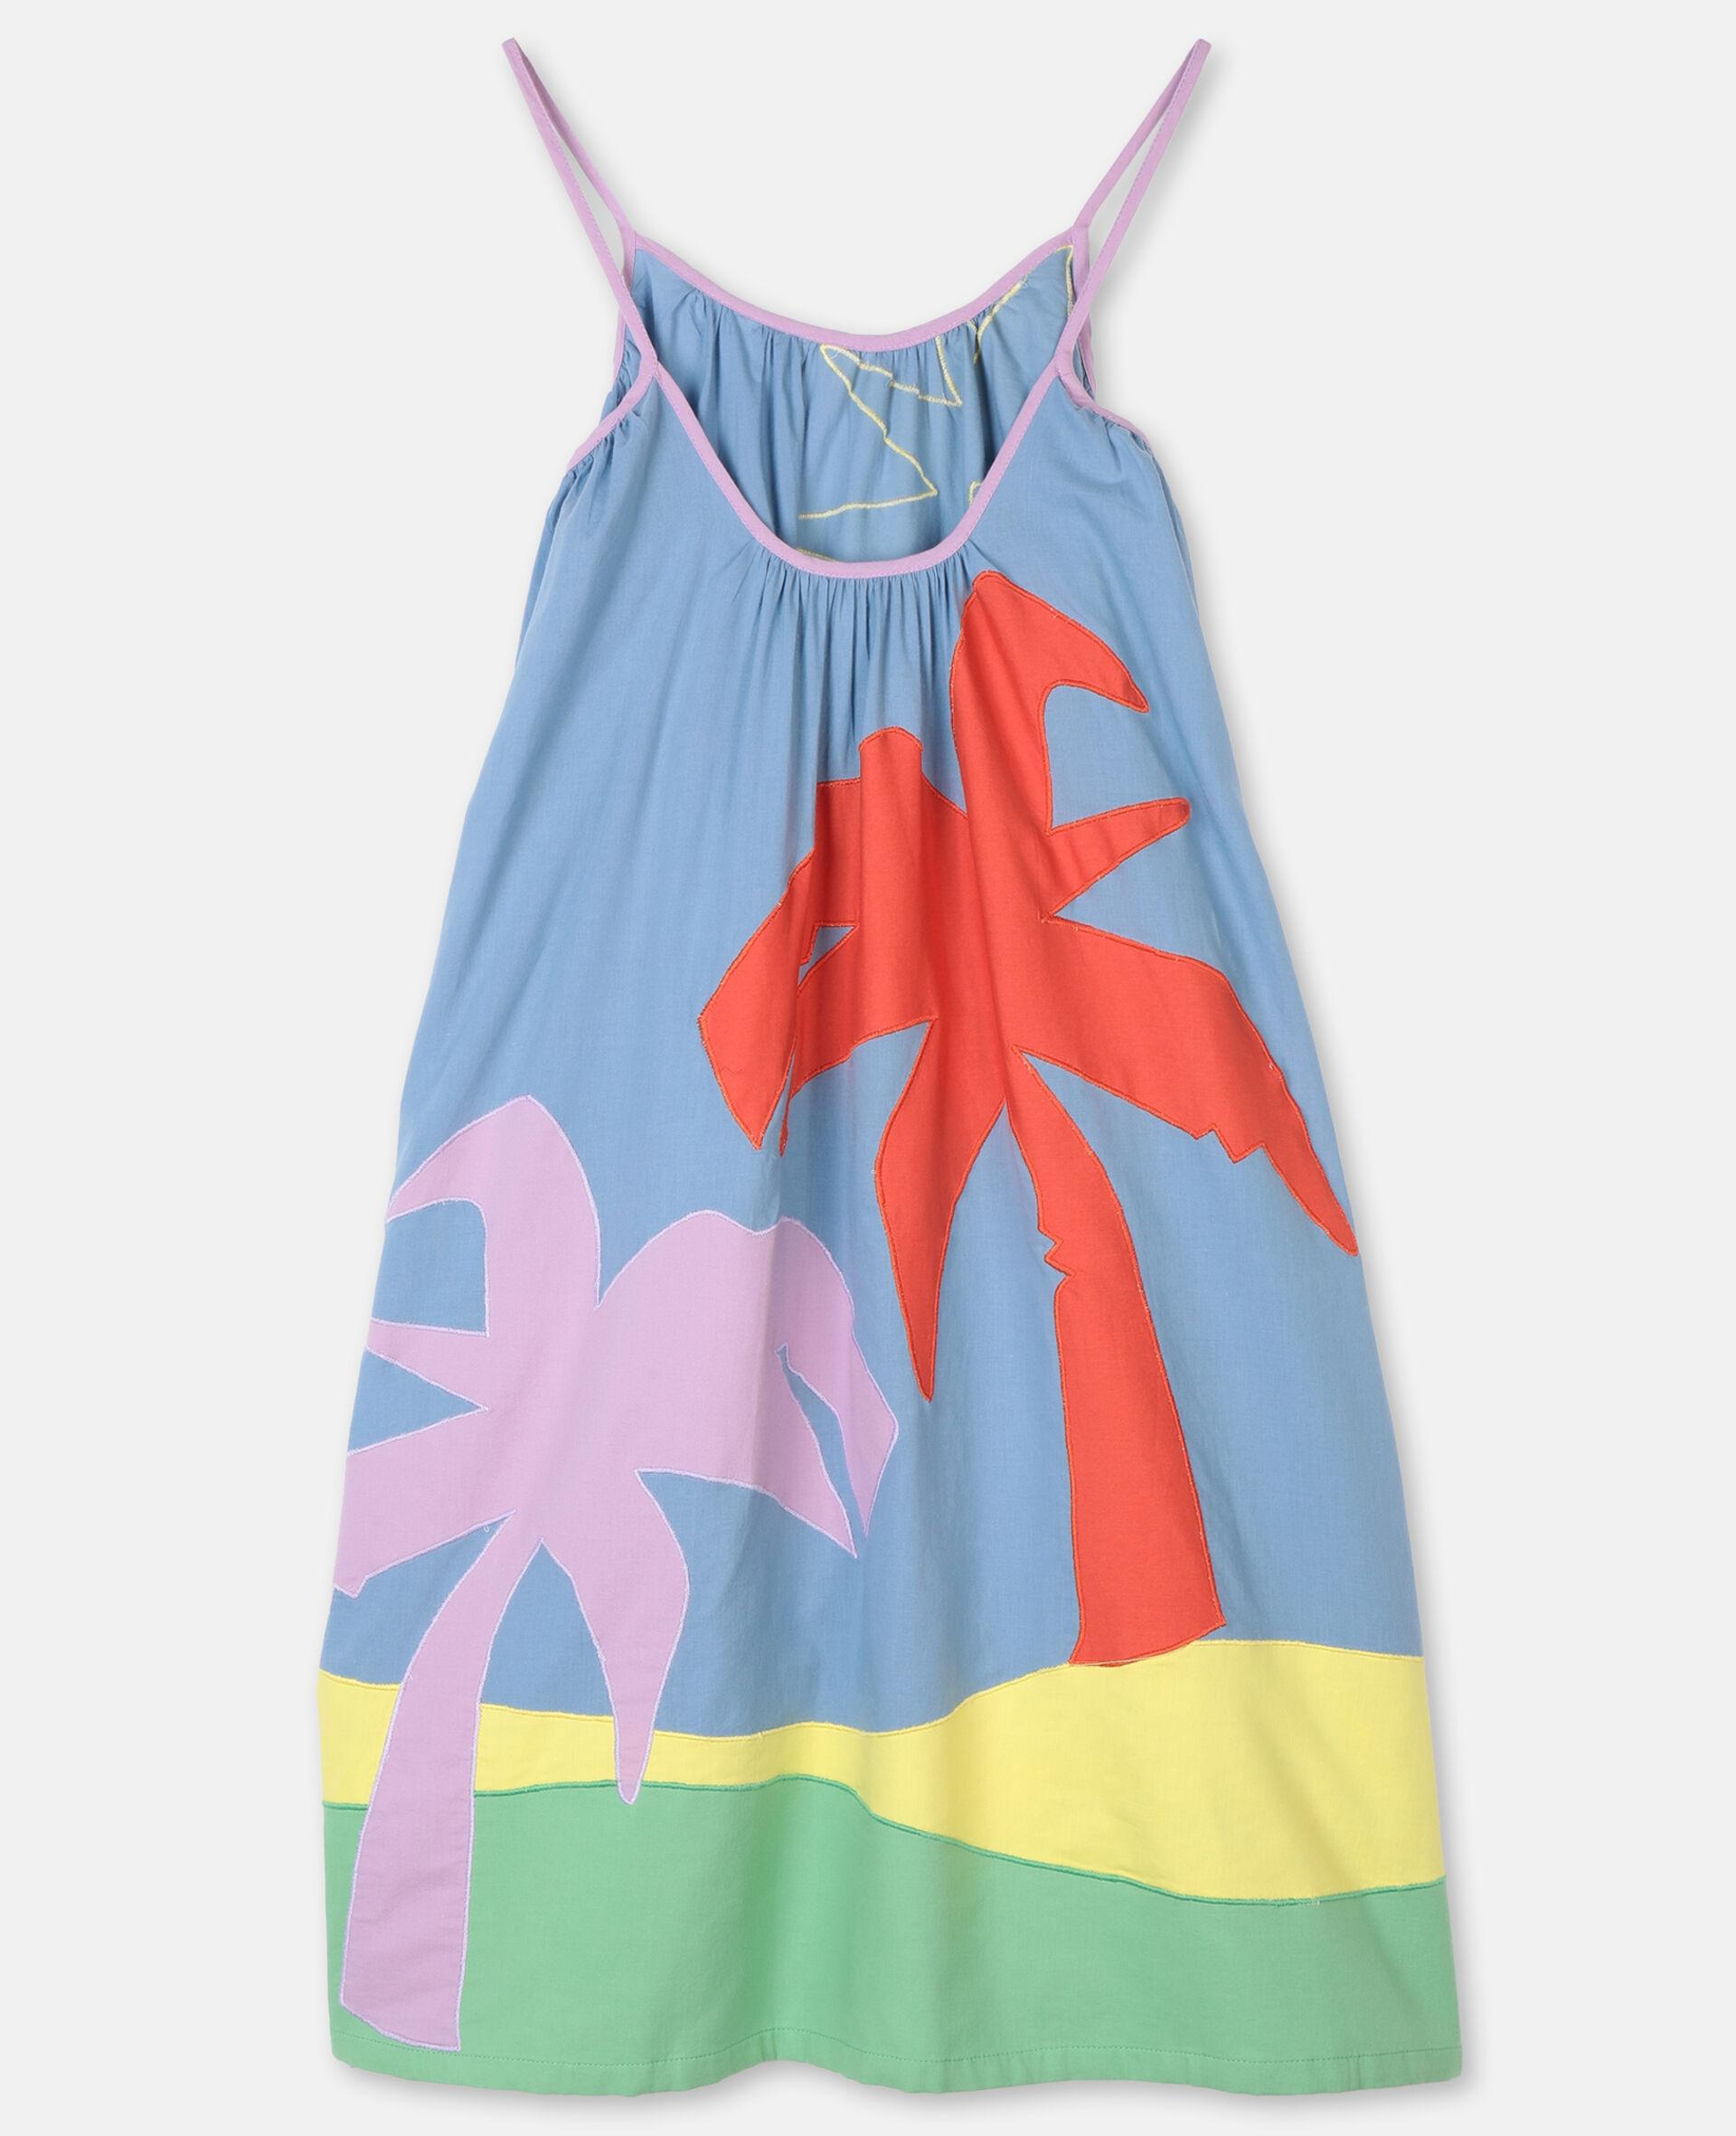 Palm Patches Cotton Dress-Multicolour-large image number 3